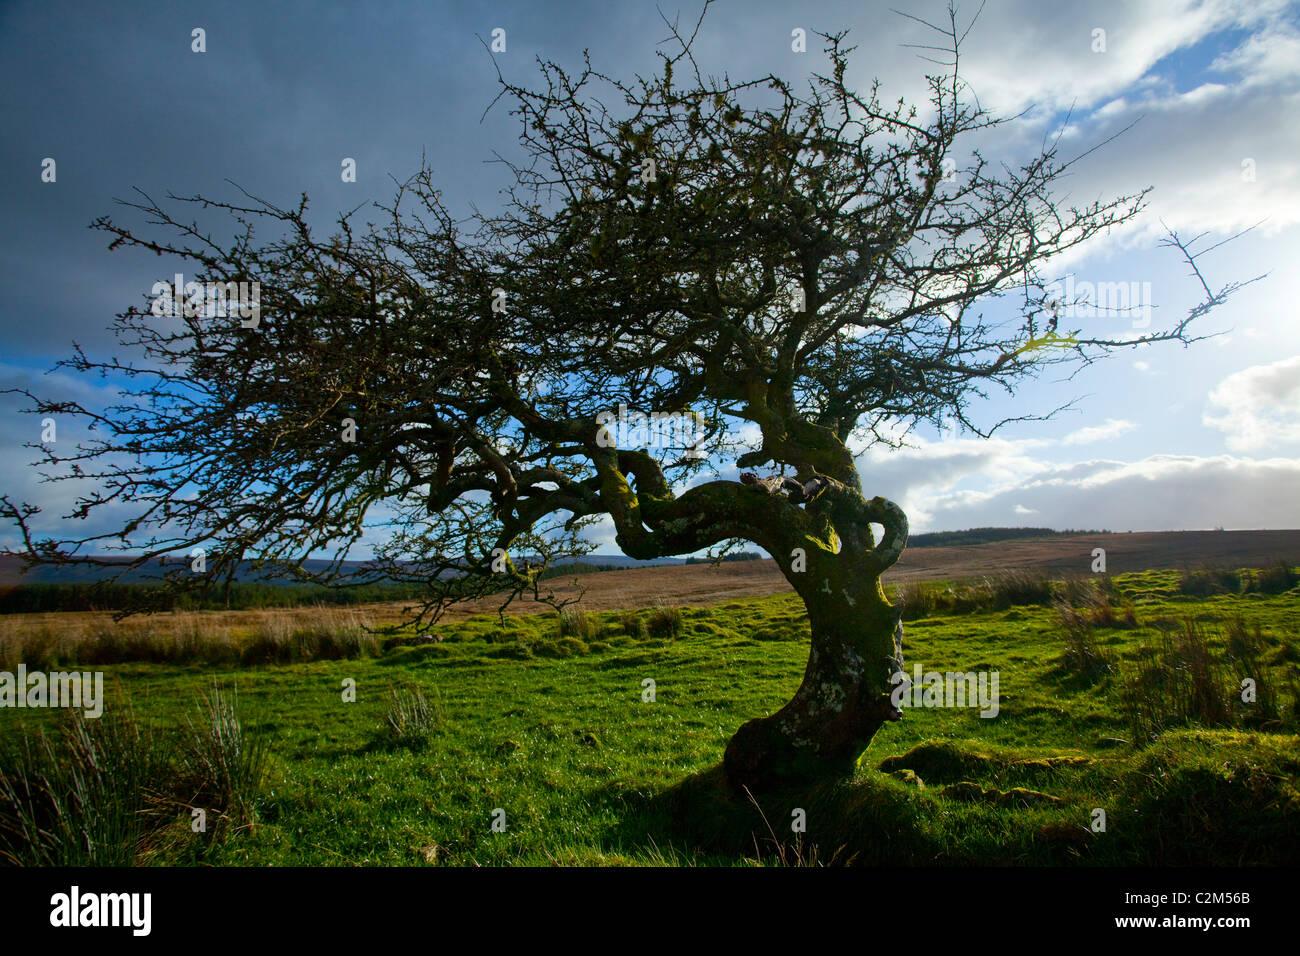 Ritorto vecchio albero di biancospino (Crataegus), Tullyskeherny, Manorhamilton, nella Contea di Leitrim, Irlanda. Immagini Stock